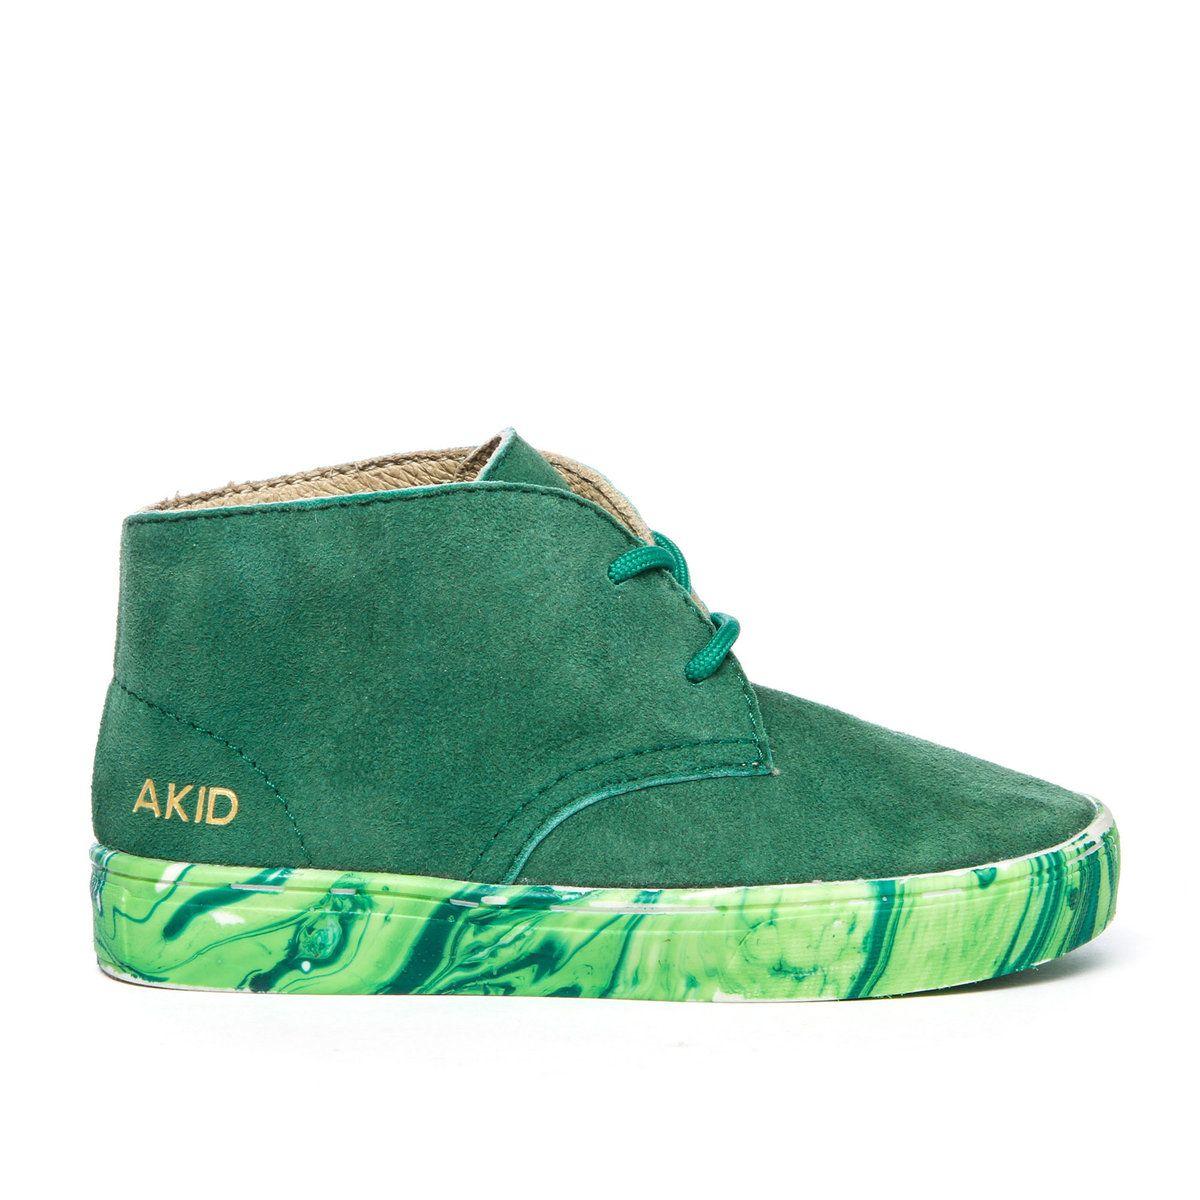 A K I D Knight | #Green #PigSkin #Kids - akidbrand.com